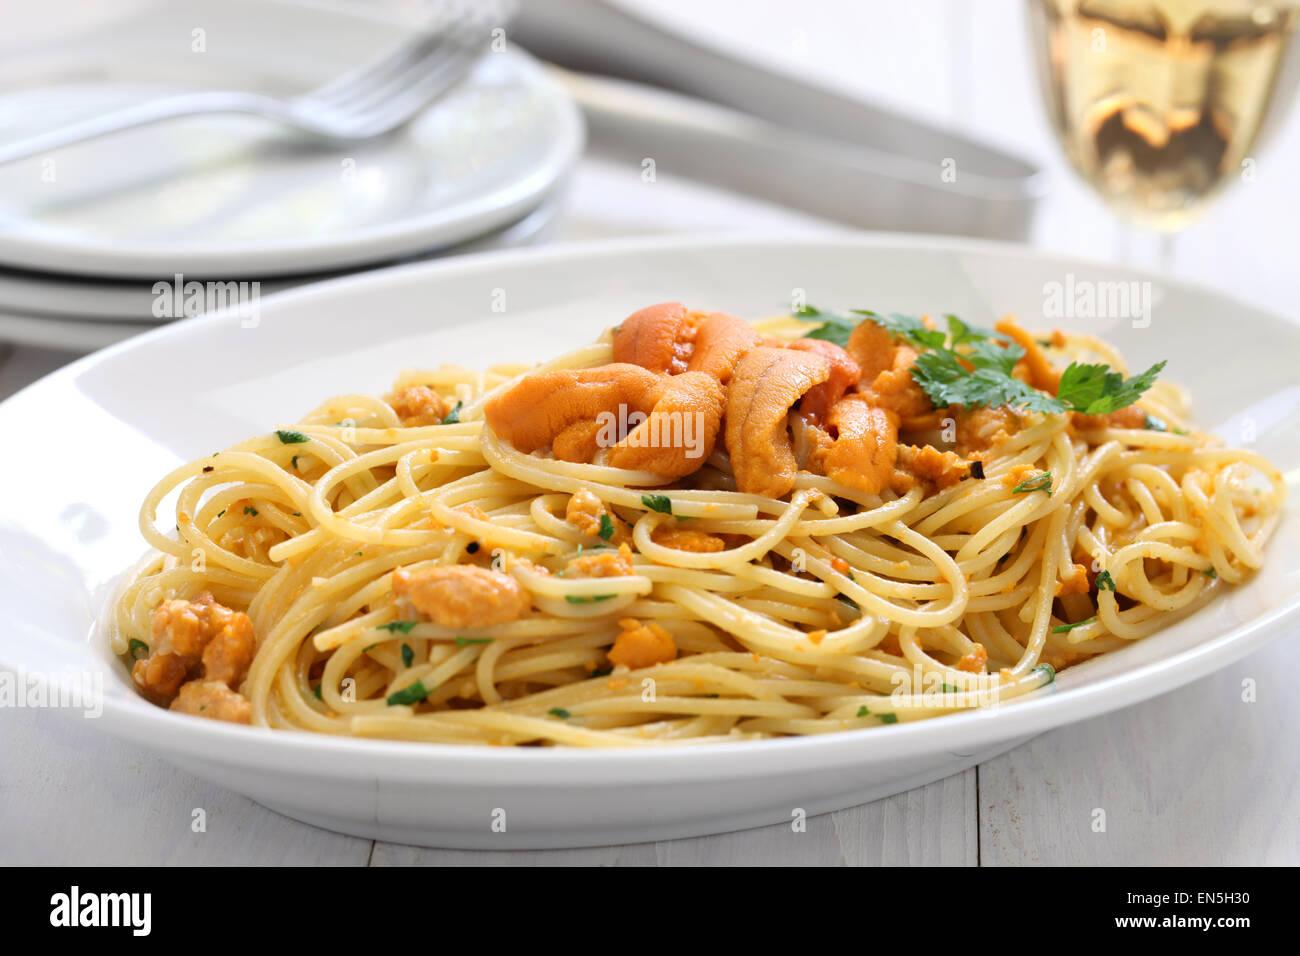 Pasta con huevas de erizo de mar, cocina italiana Imagen De Stock